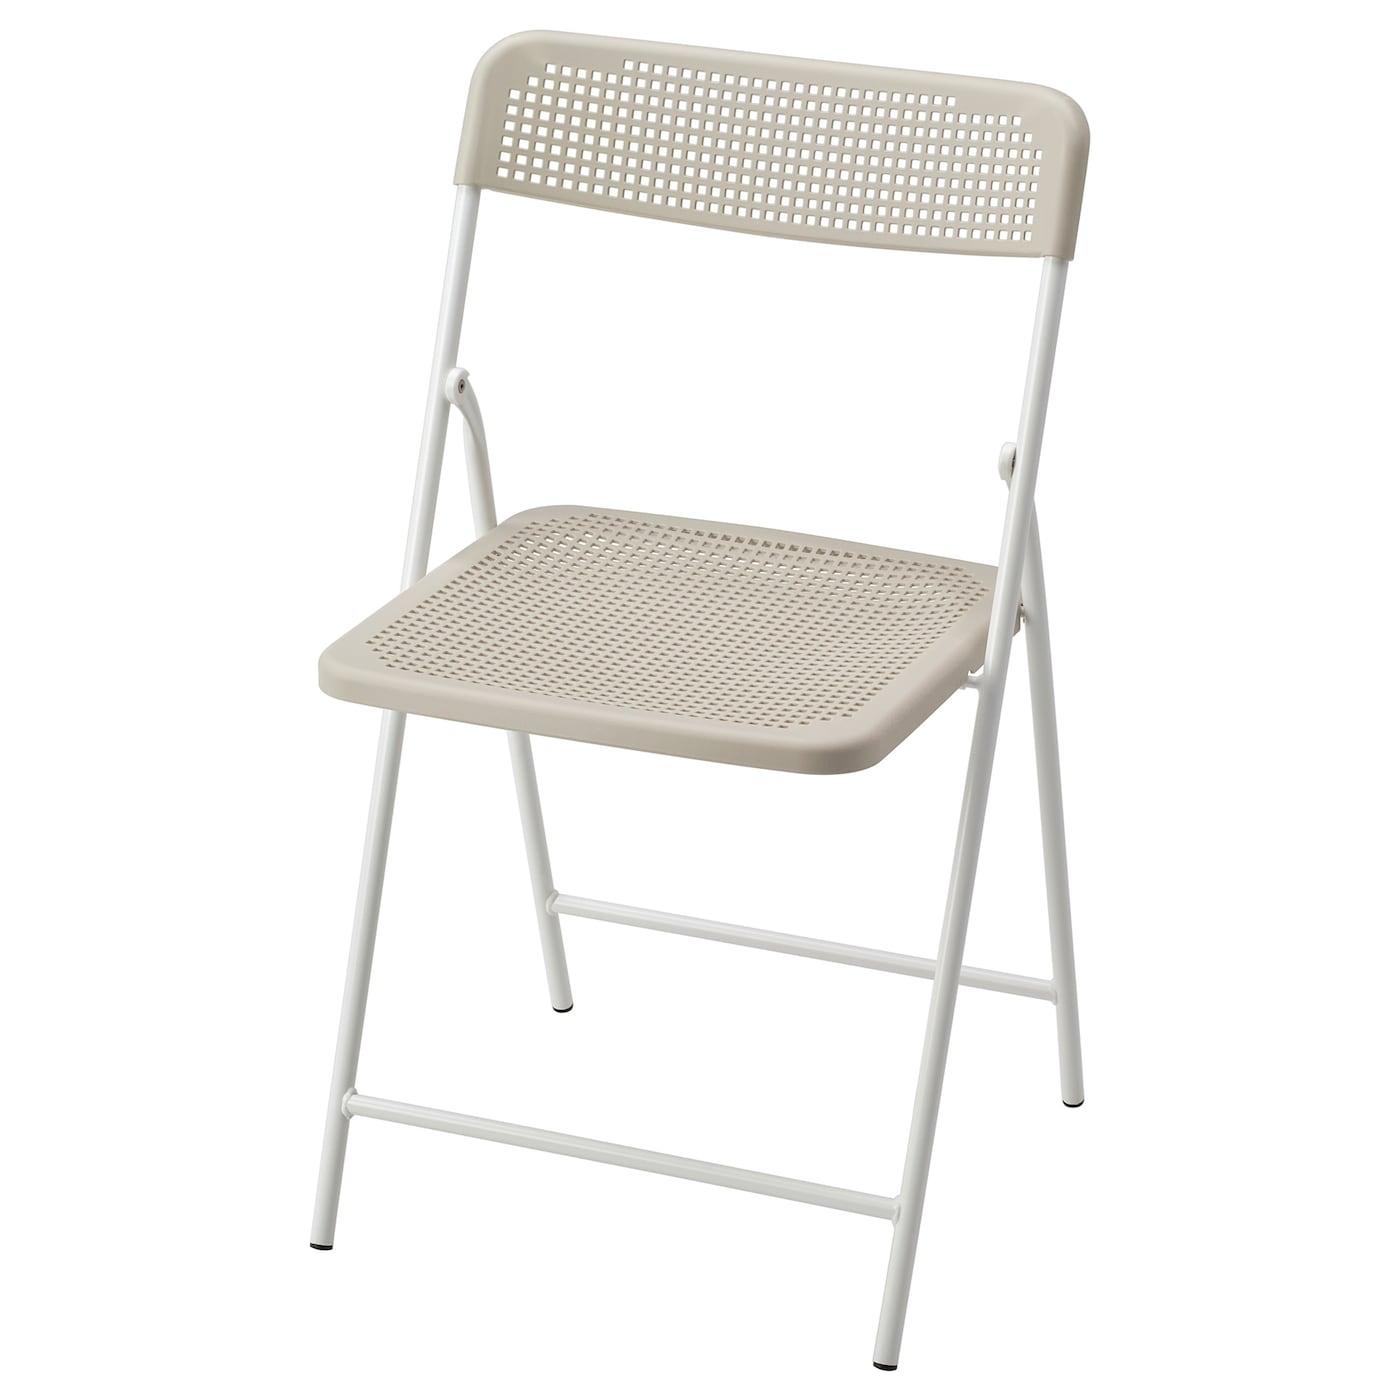 TORPARÖ Krzesło, wew/zew - składany biały, beżowy - IKEA